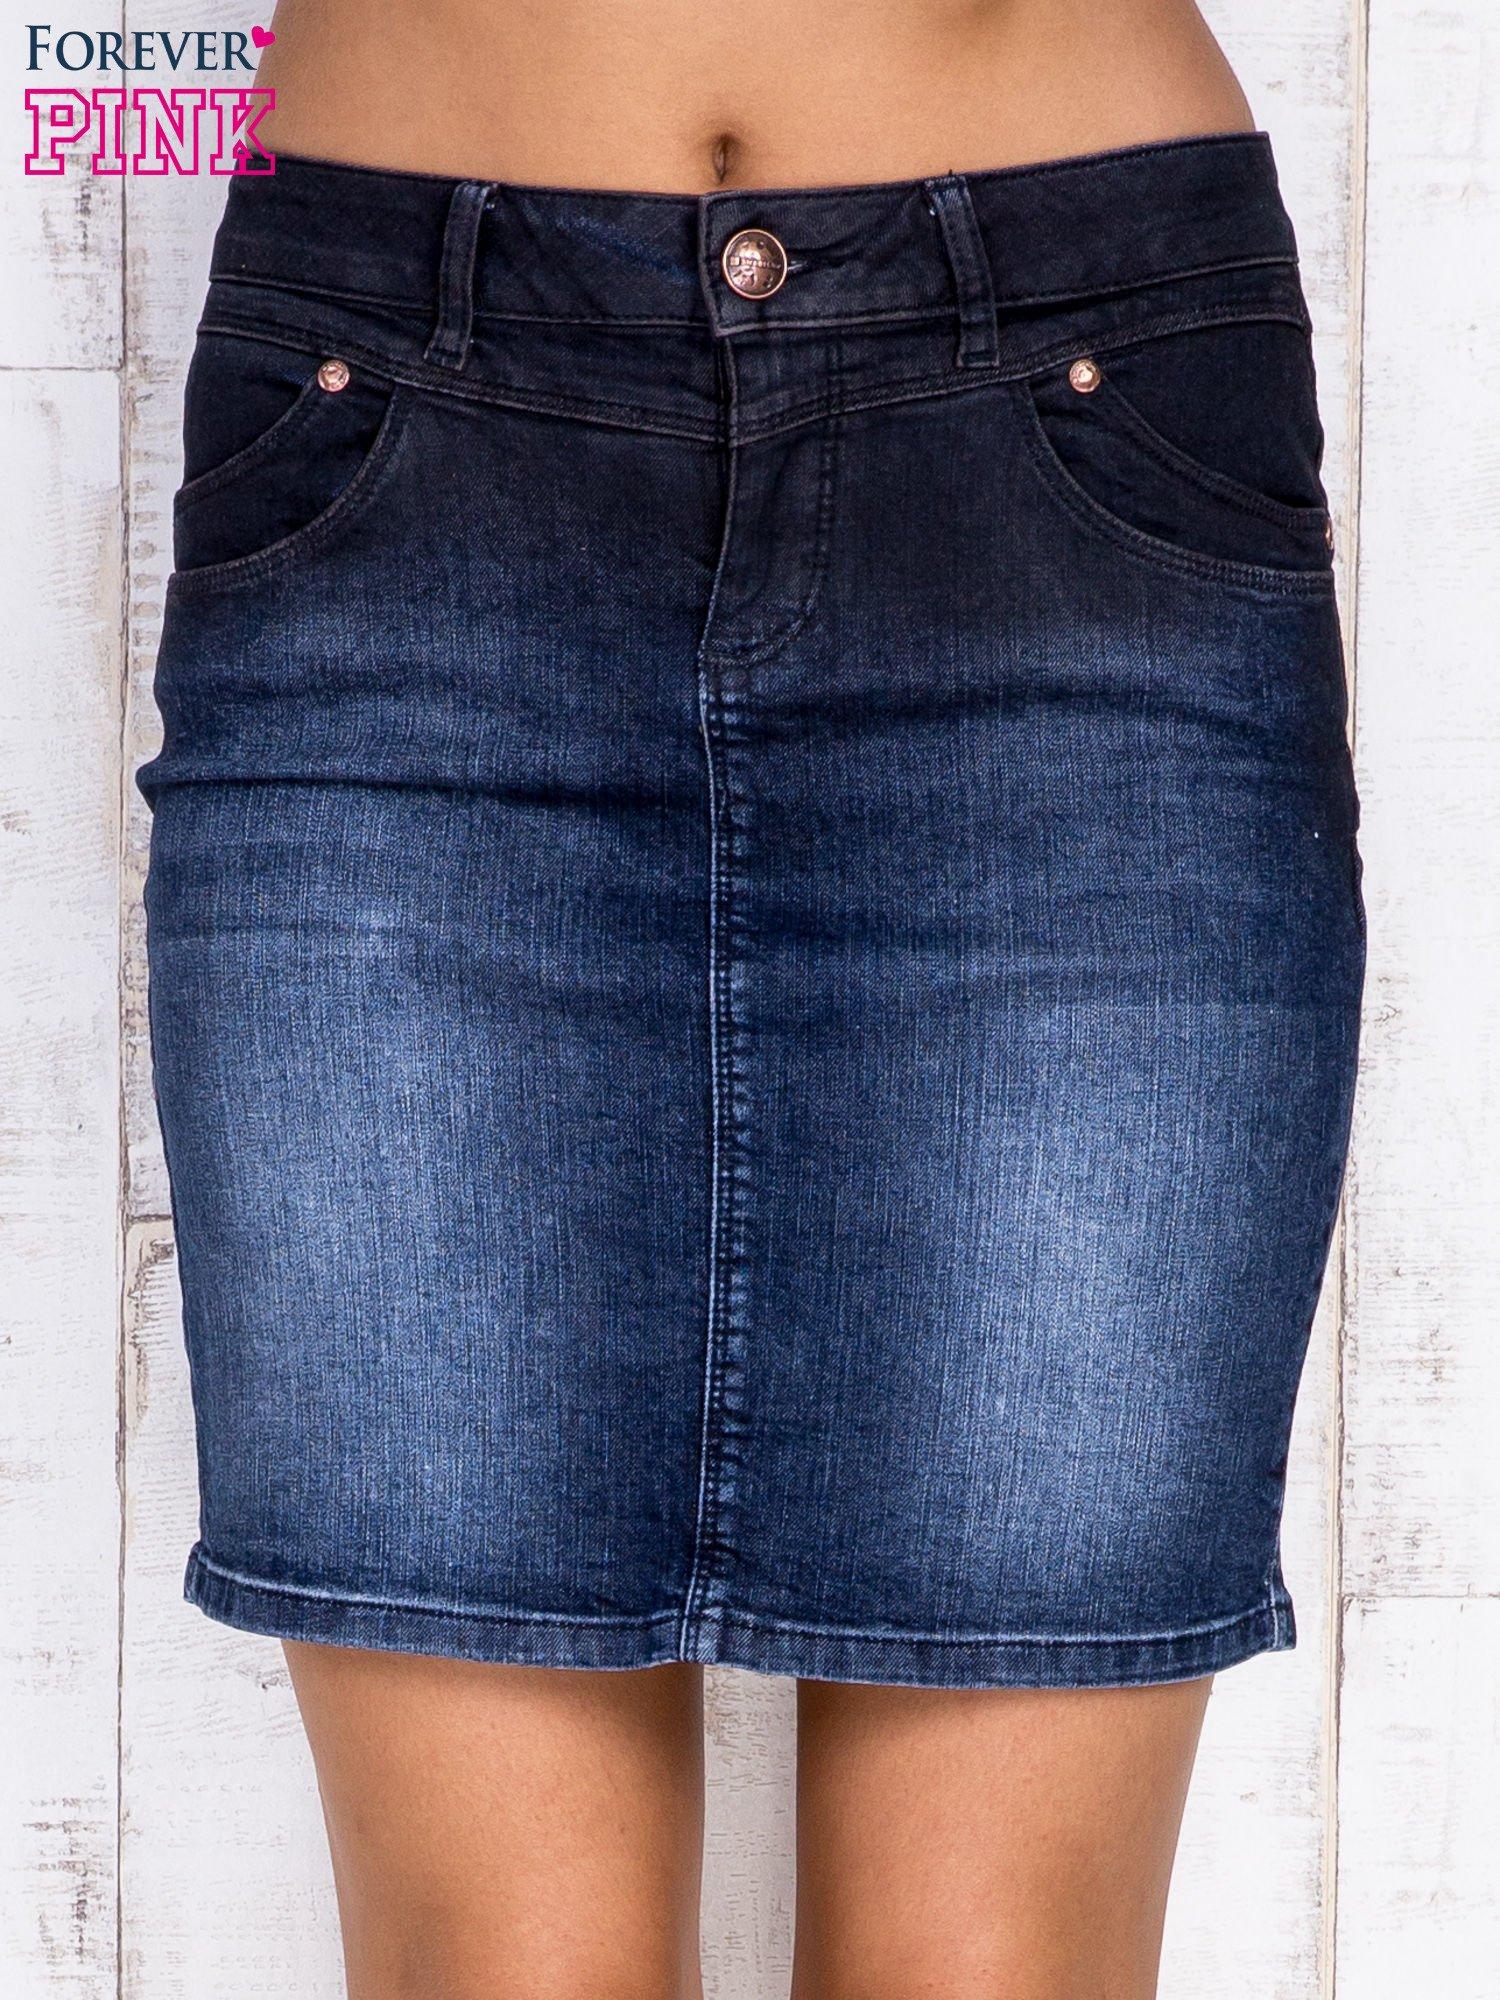 Ciemnoniebieska ołówkowa spódnica jeansowa                                  zdj.                                  1